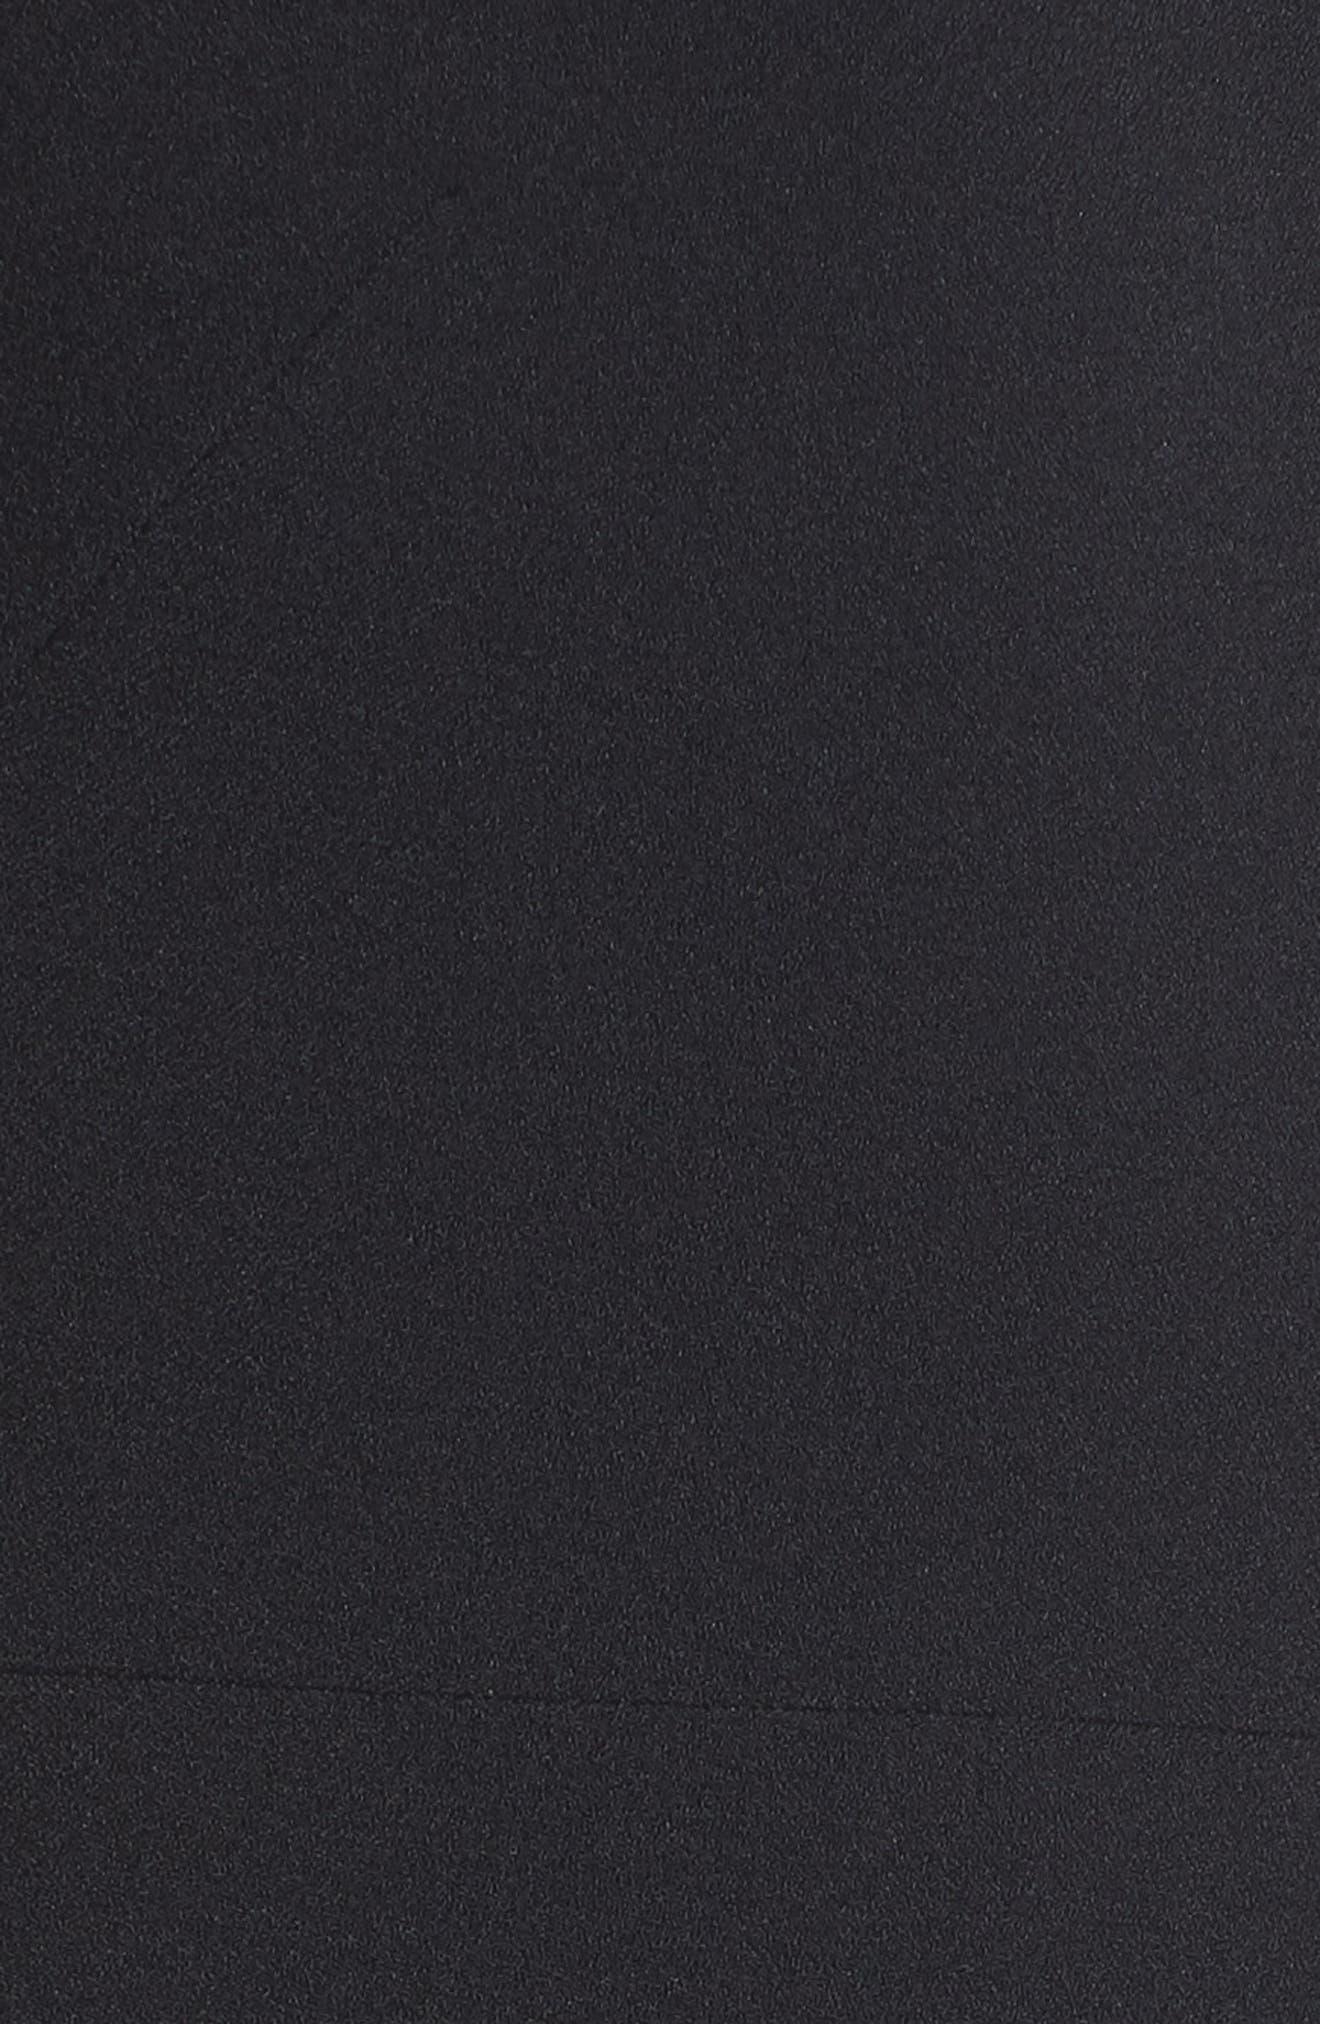 One-Shoulder Ruffle Crepe Jumpsuit,                             Alternate thumbnail 6, color,                             BLACK